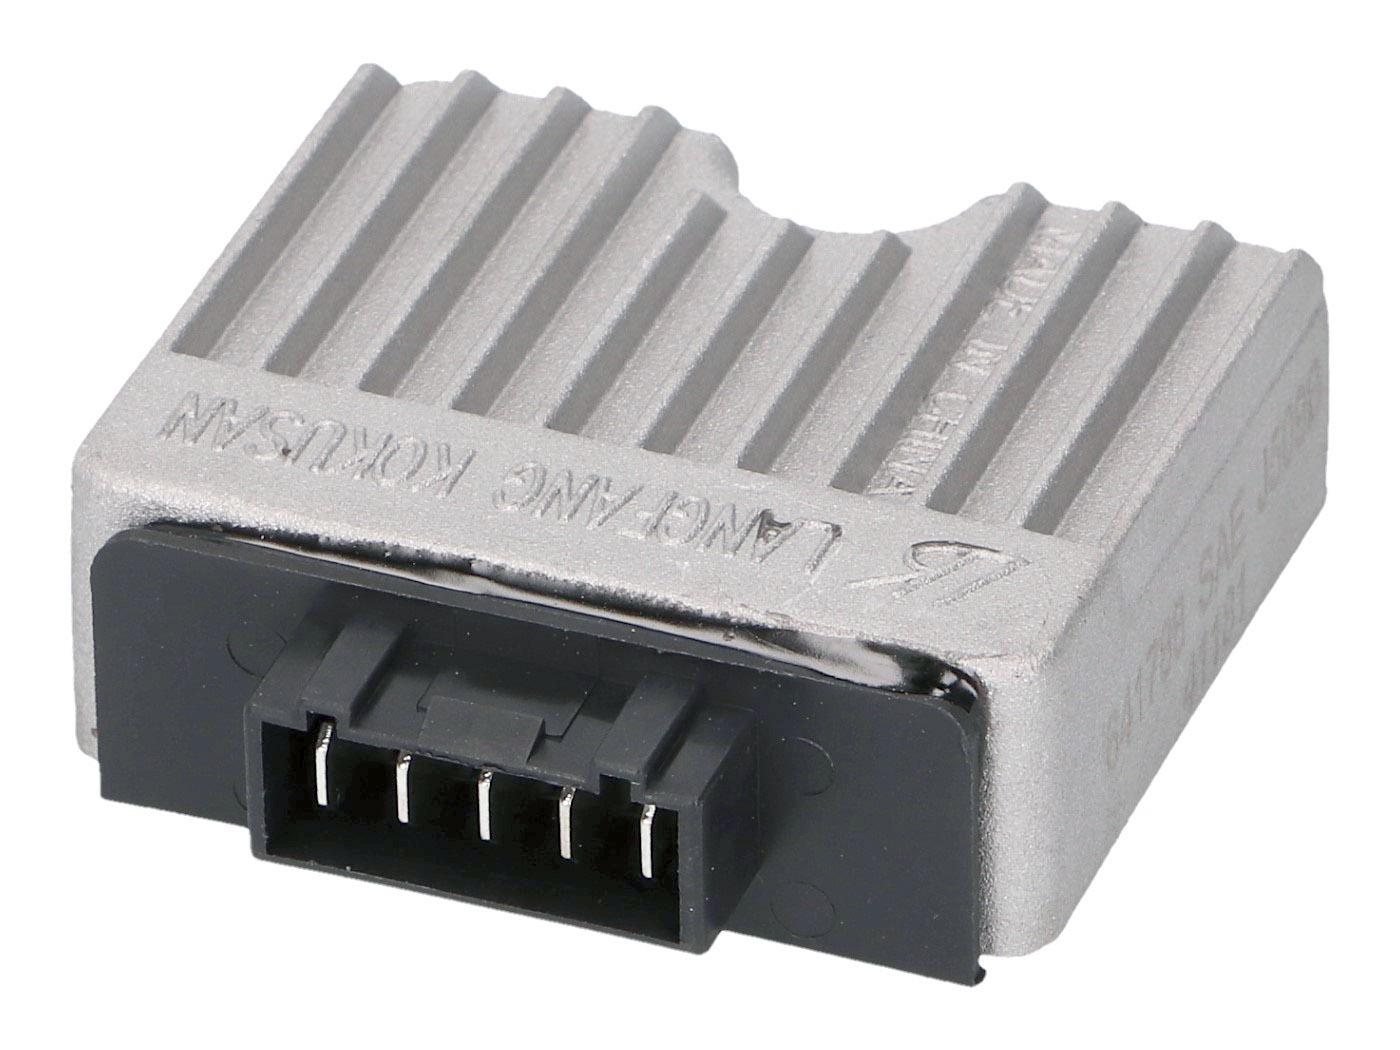 Regler//Gleichrichter f/ür Zip 50 4T DT 06 LBMC25C